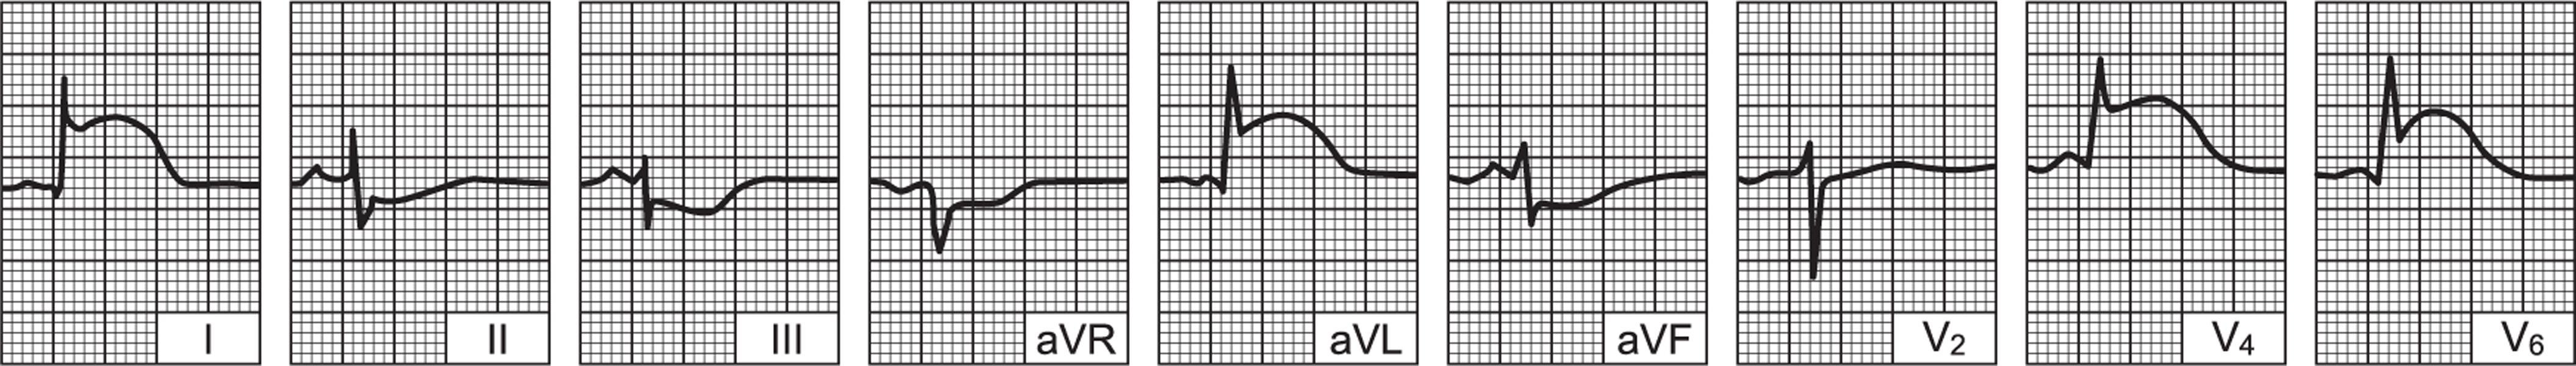 Što vam se događa u prvih nekoliko dana nakon srčanog udara